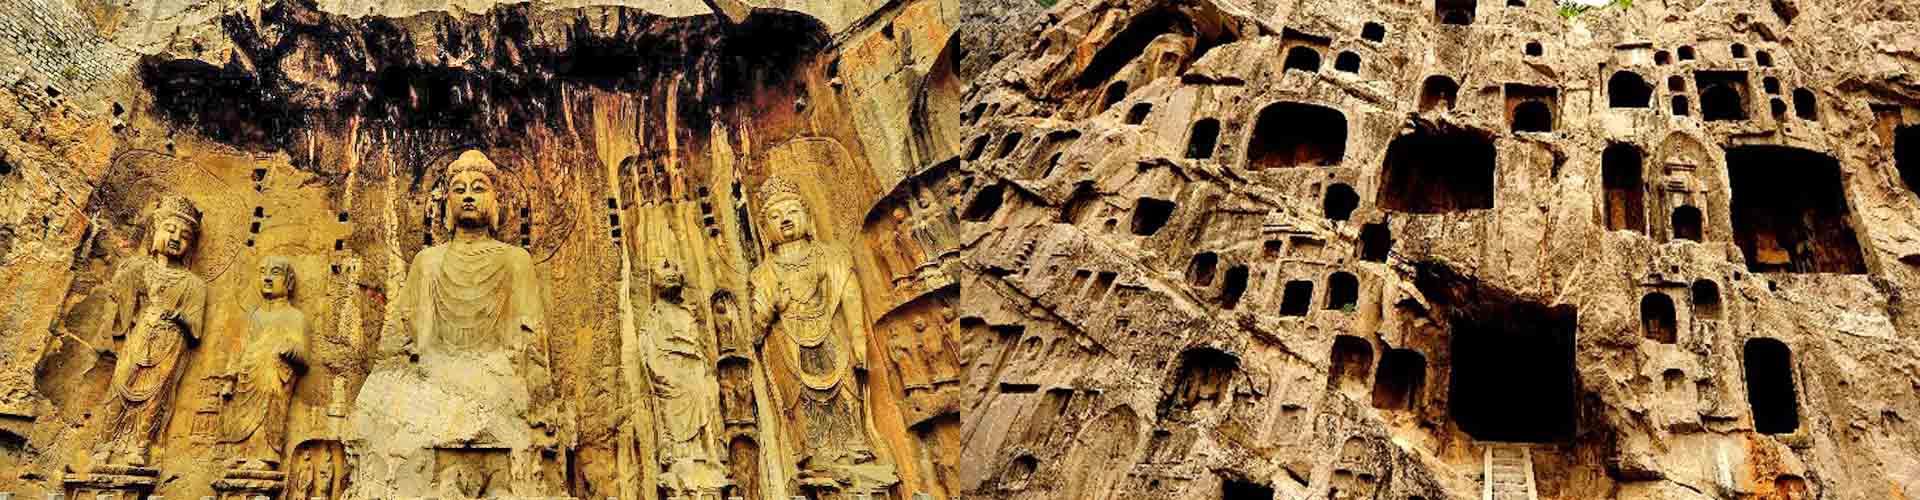 grutas de Longmen